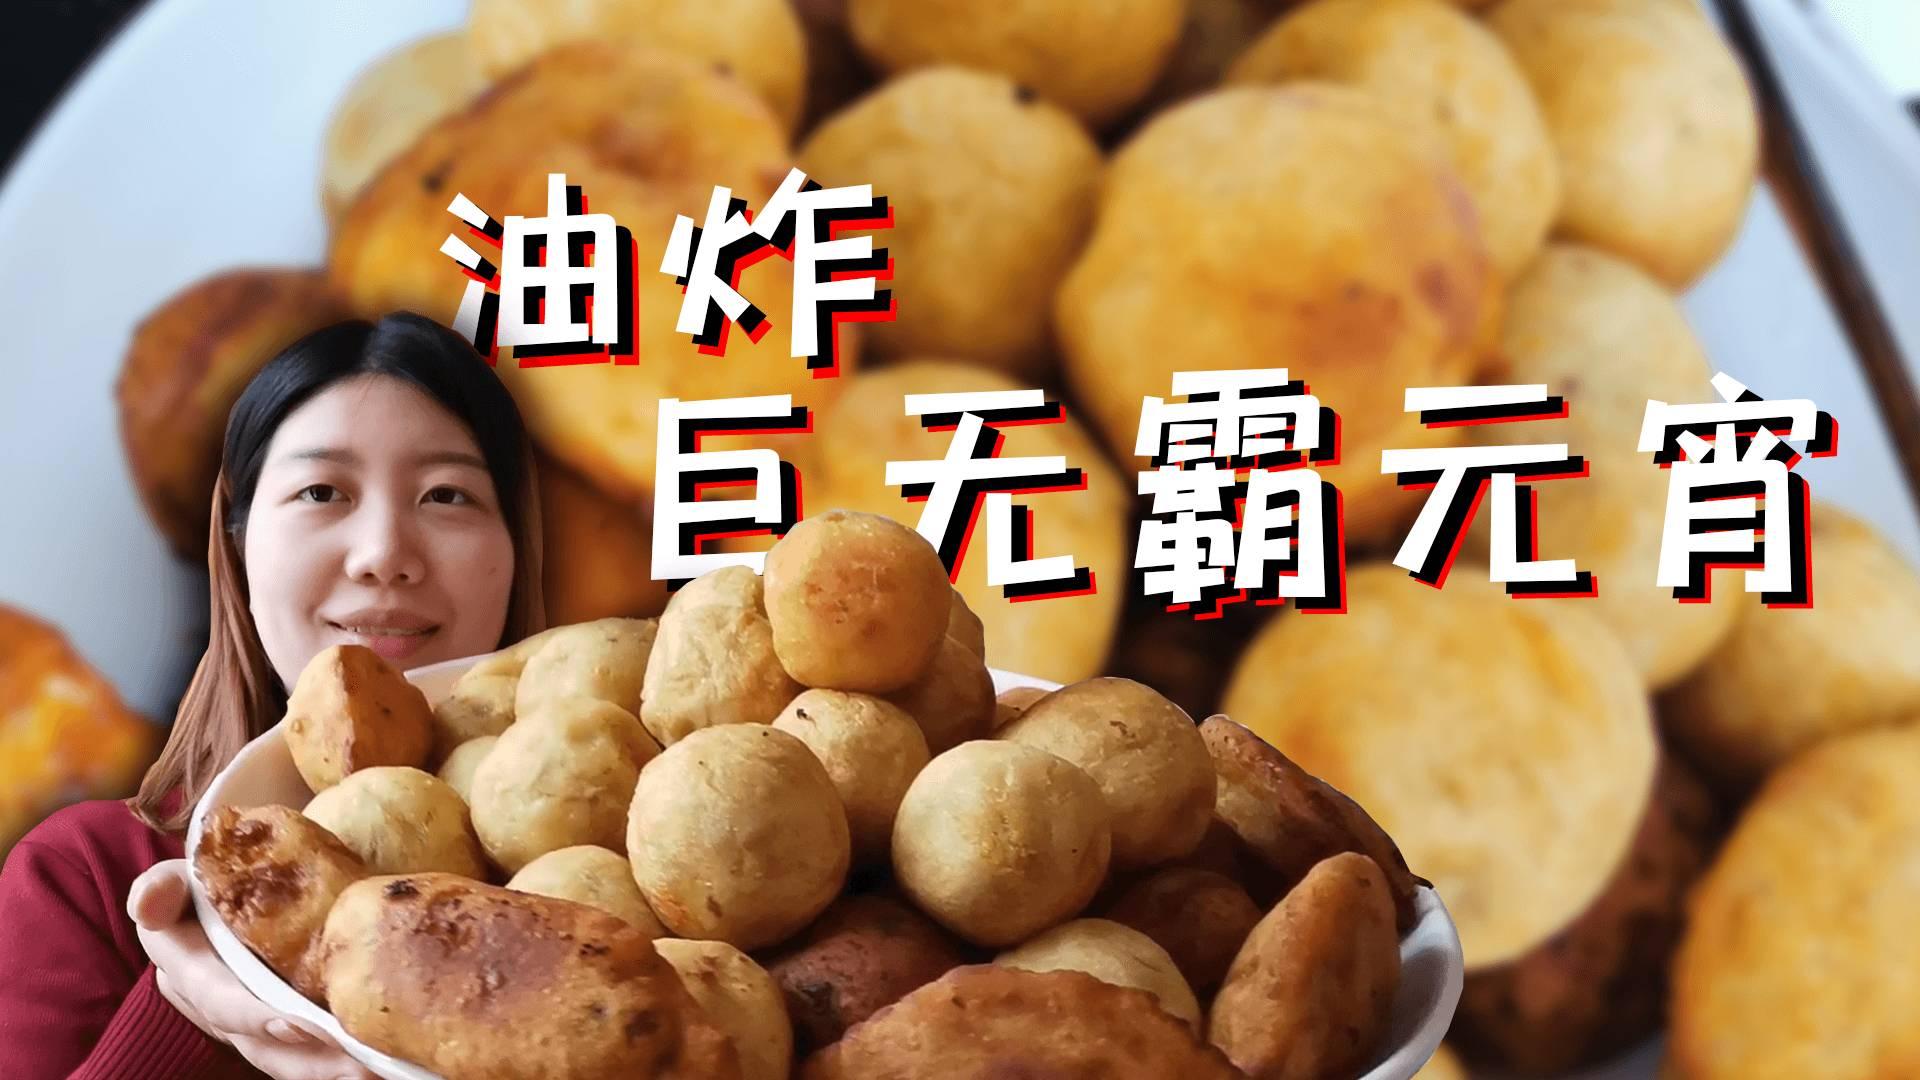 【吃货请闭眼】全国最奇怪的元宵?山西农村奶奶炸超大红薯元宵,色泽金黄香甜软糯!